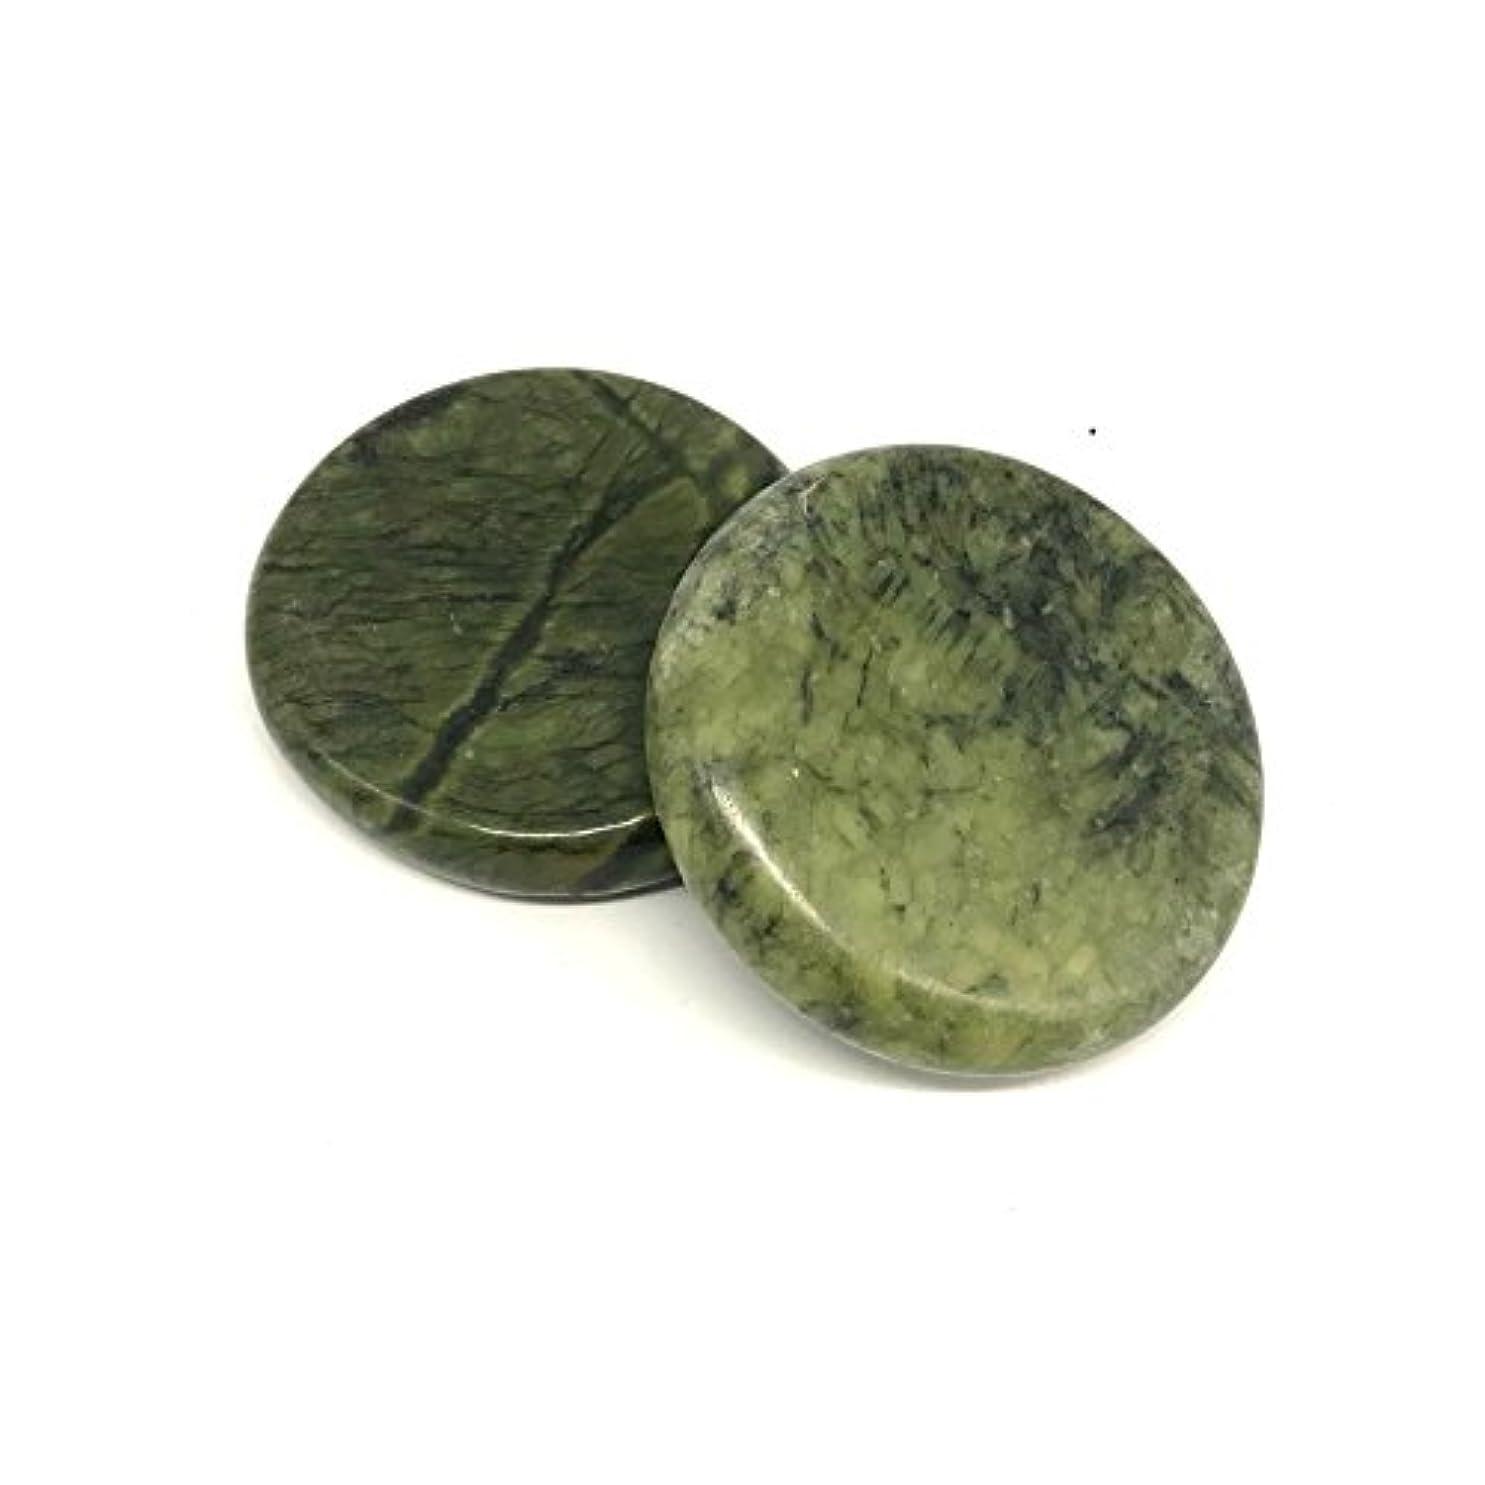 タウポ湖背骨中でオリーブ玉翡翠ホットストン 足つぼ・手のひら かっさ Natural Green Jade Stone hot stone for body massage Spa massage tools (L 2 点PCS) (3.14 x 3.14in)